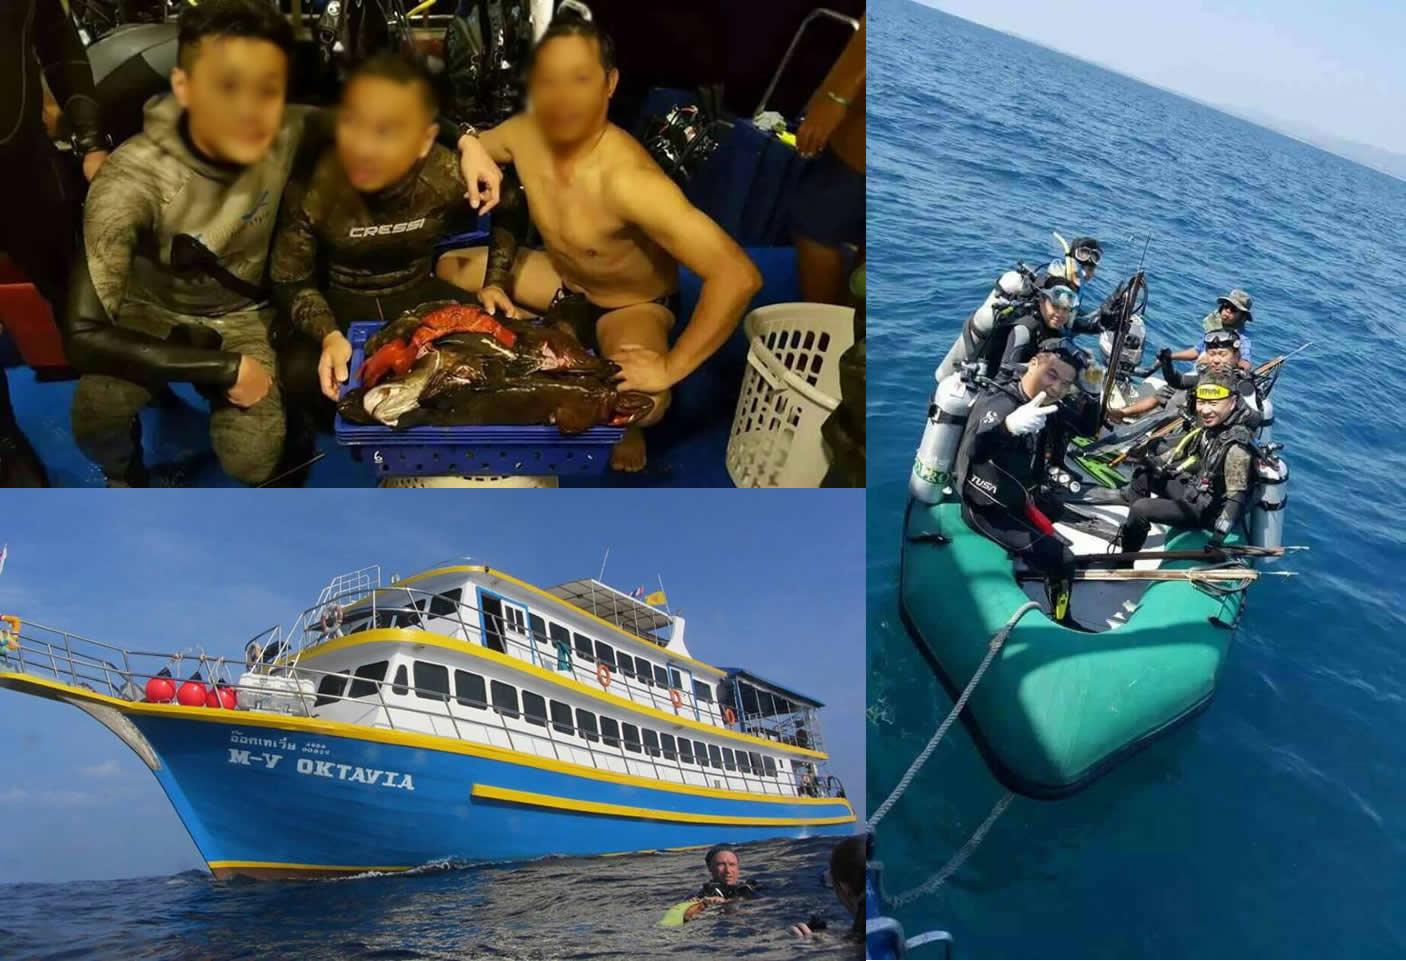 中国人観光客らがタイ・シミラン諸島で大漁、タイ人は激怒